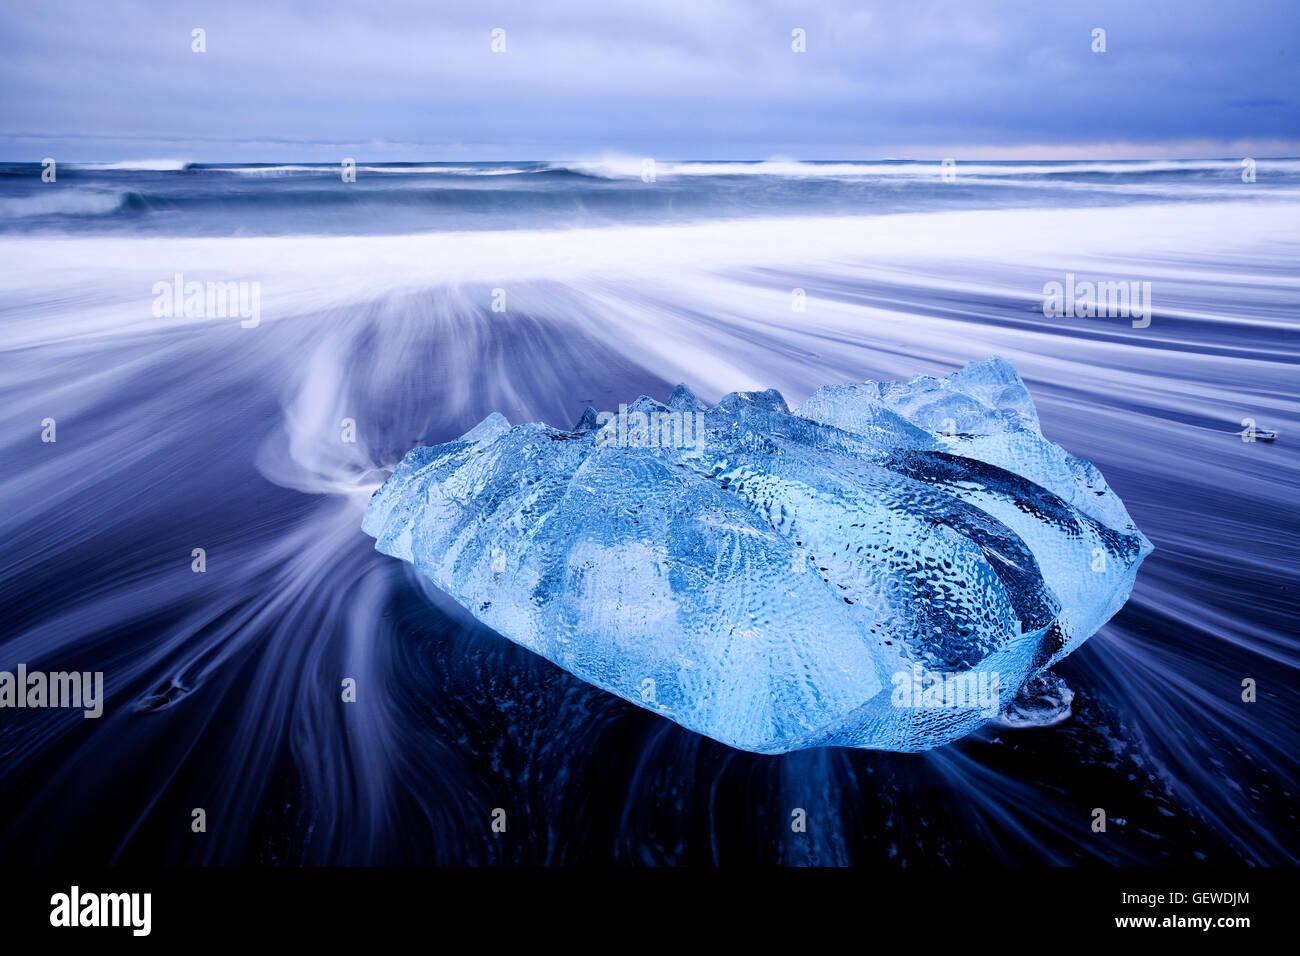 Wellen Waschen um einen kleinen Eisberg am Strand am Jökulsárlón in Island. Stockfoto